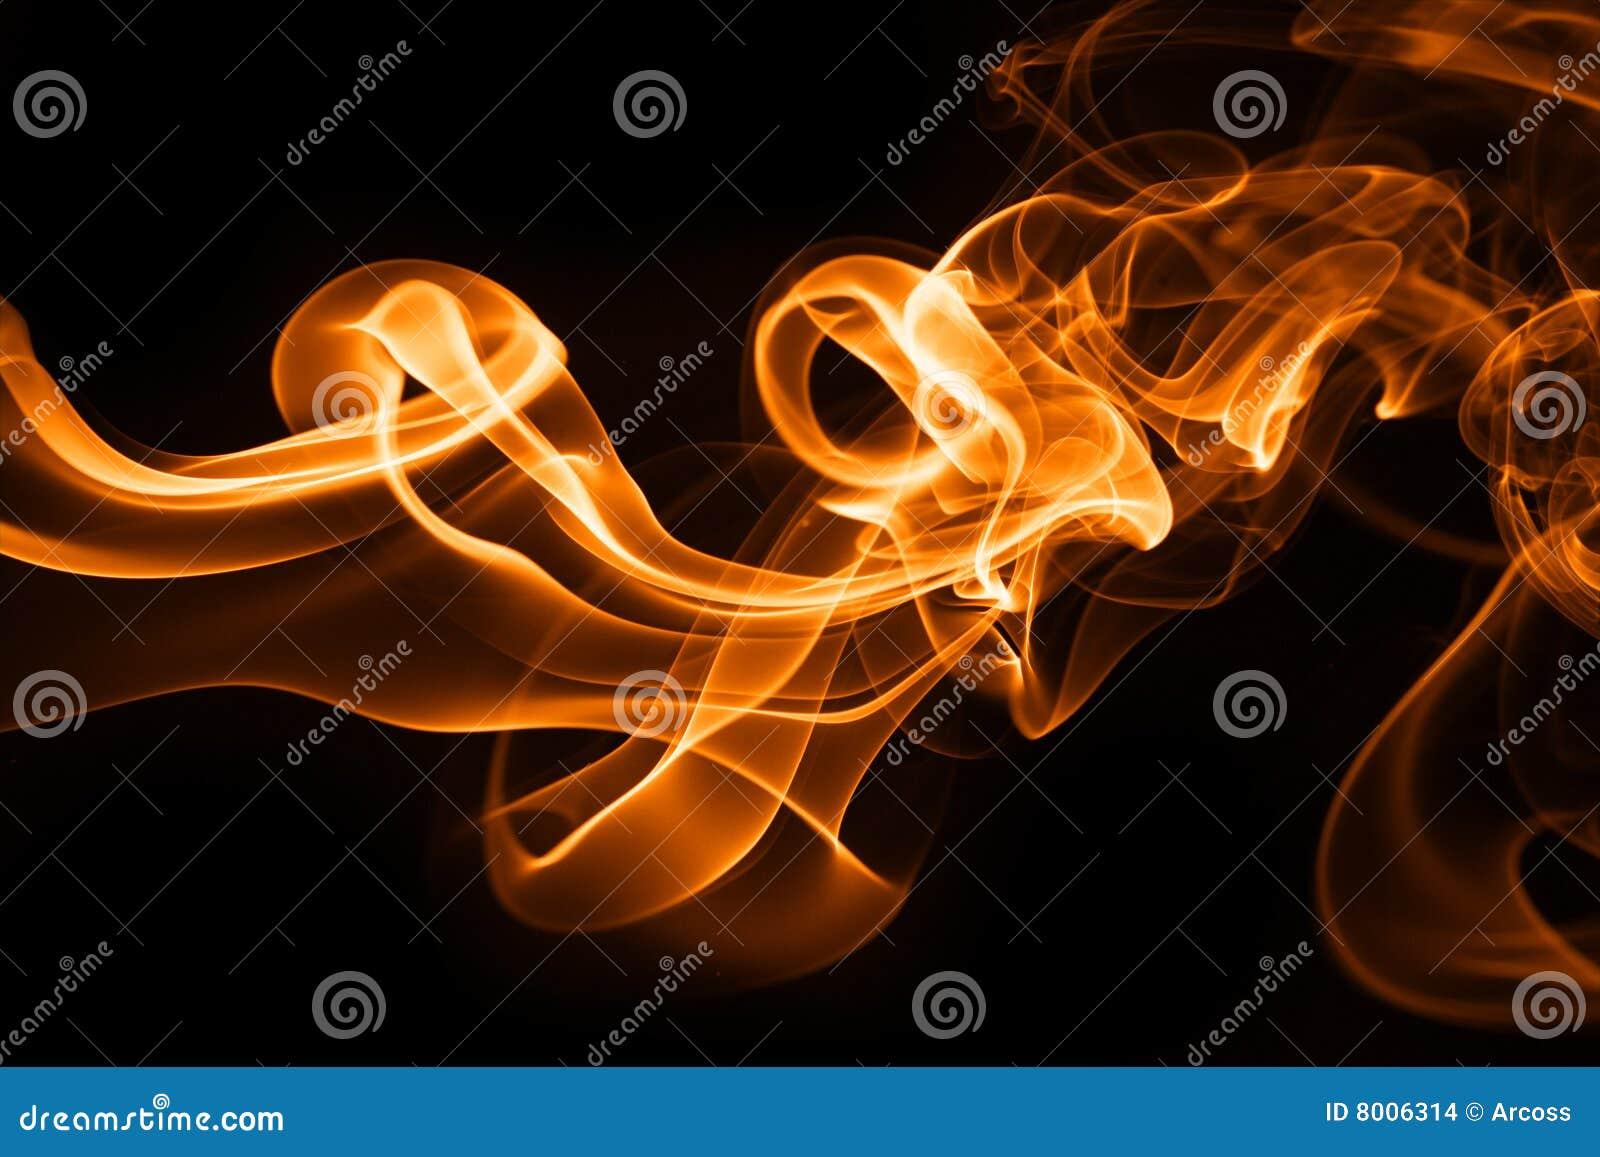 Humo del fuego